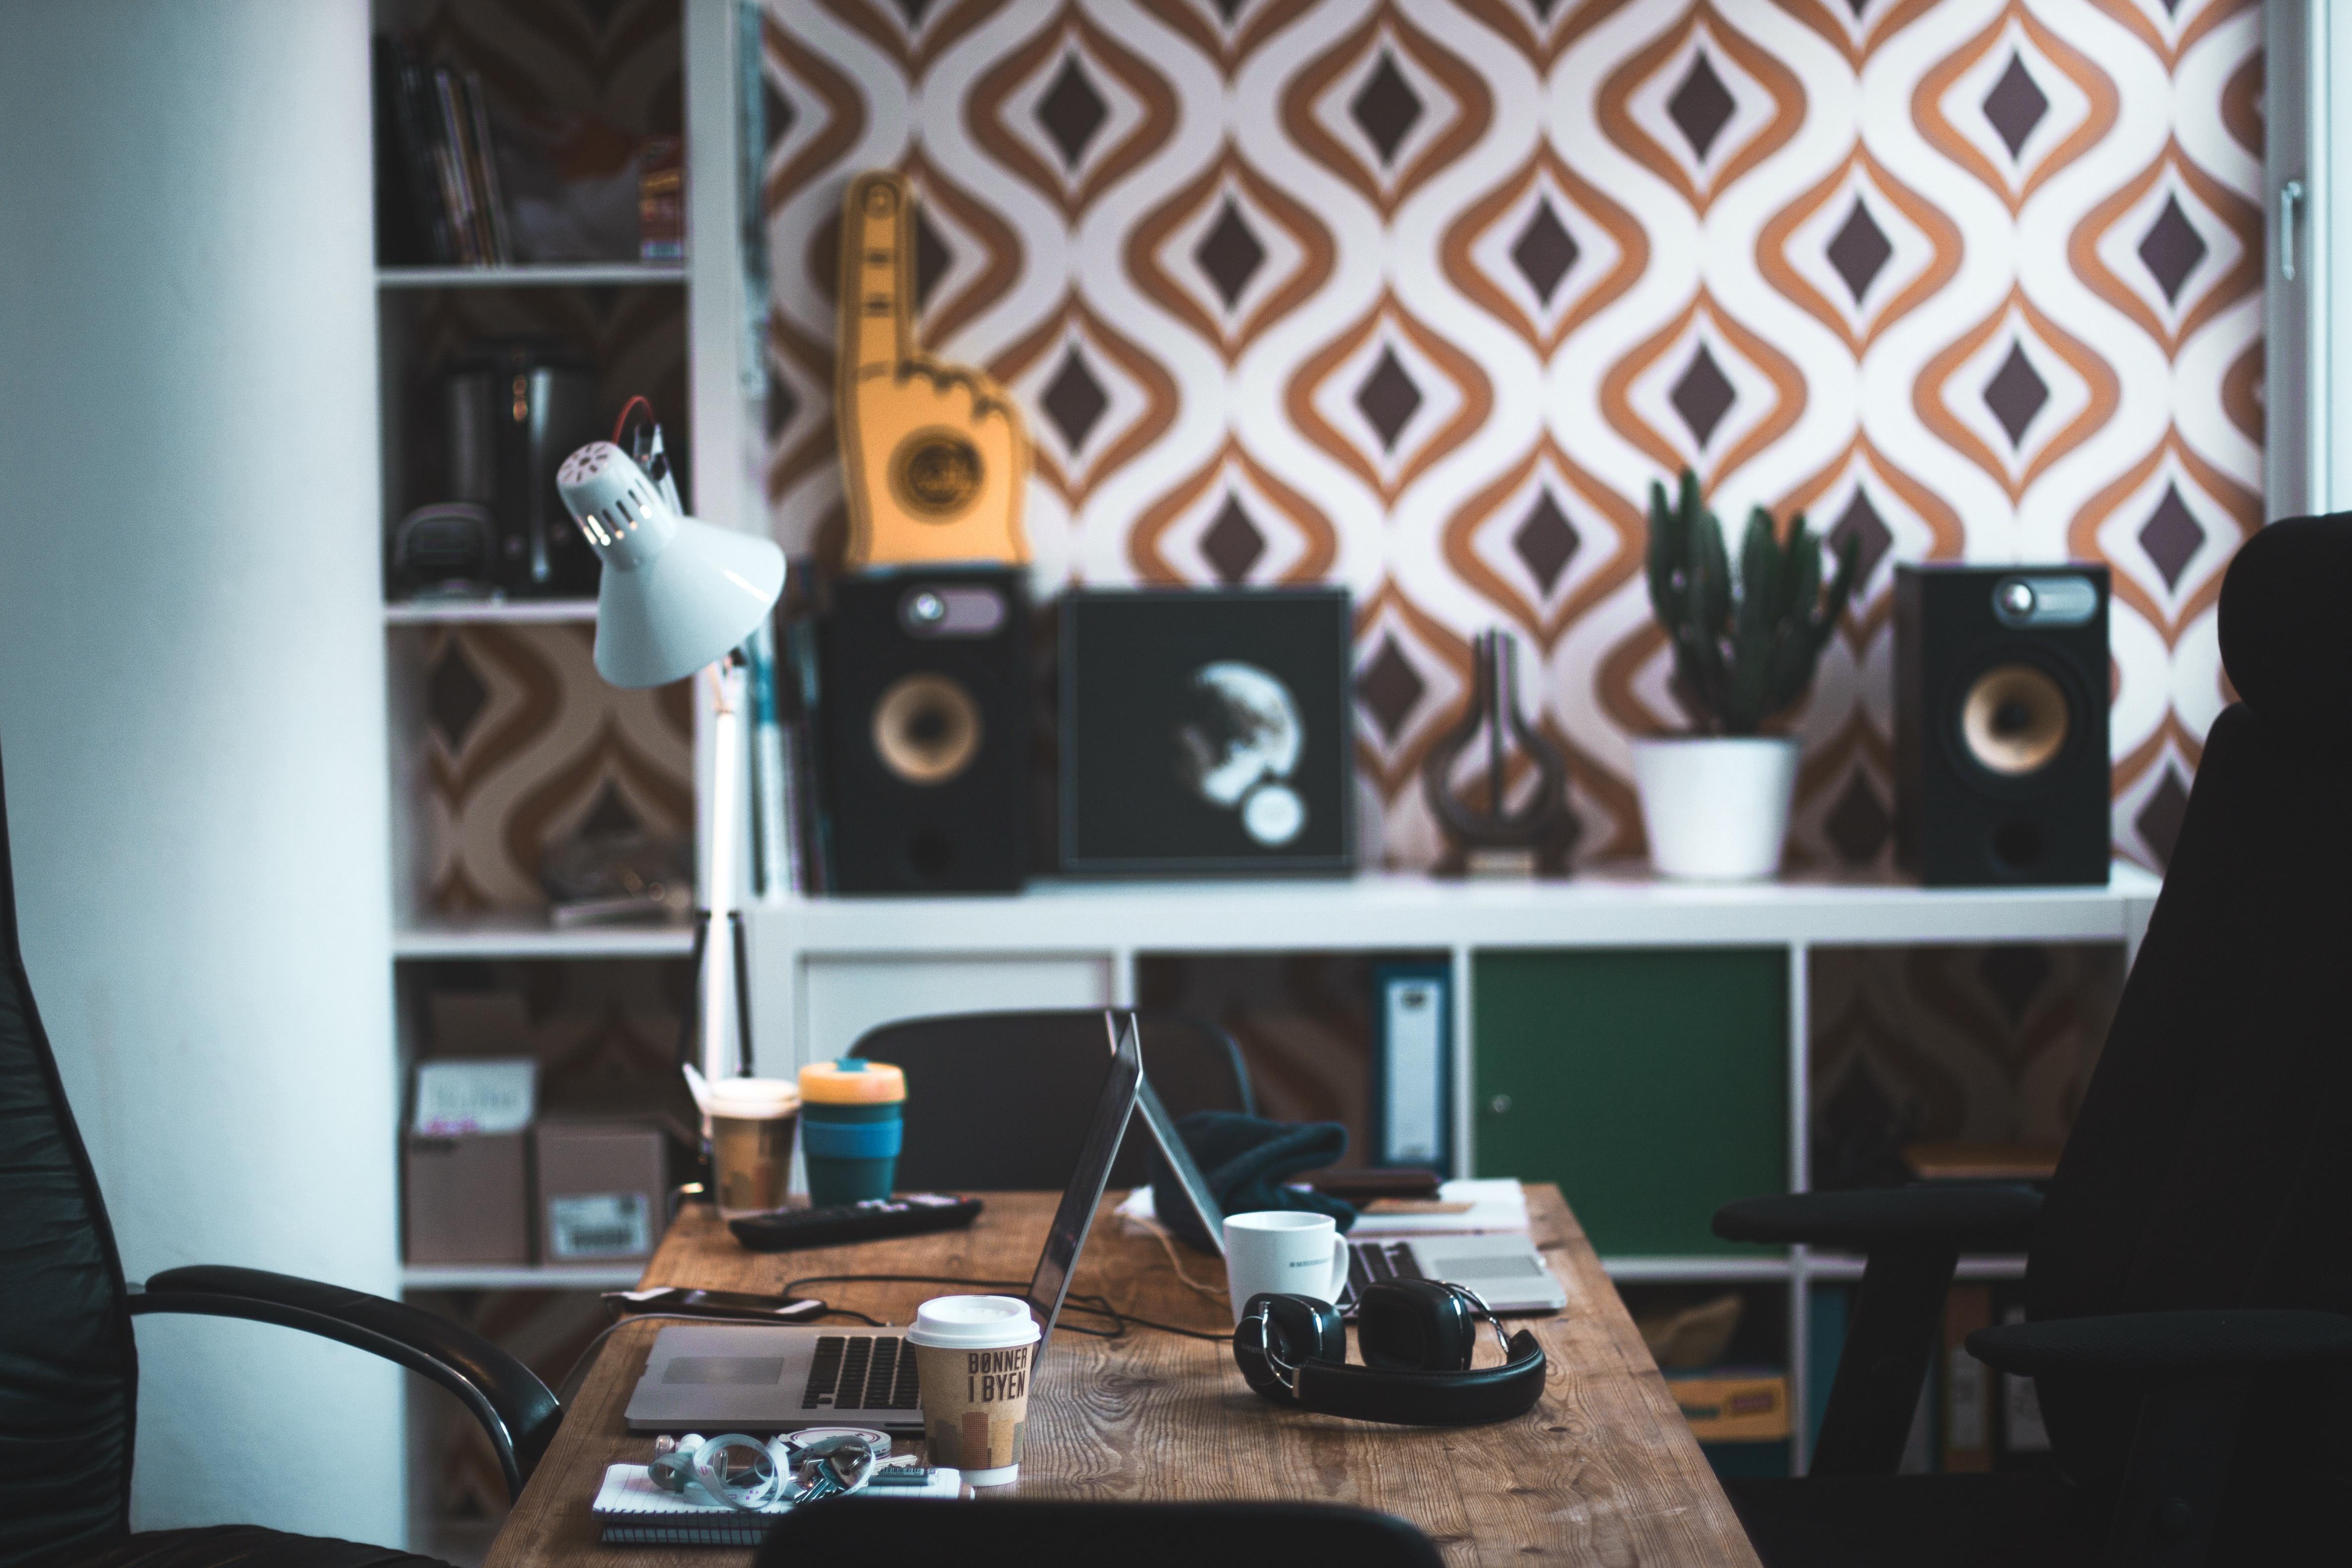 Gratis Afbeeldingen : laptop, bureau, tafel, werkruimte, kantoor ...